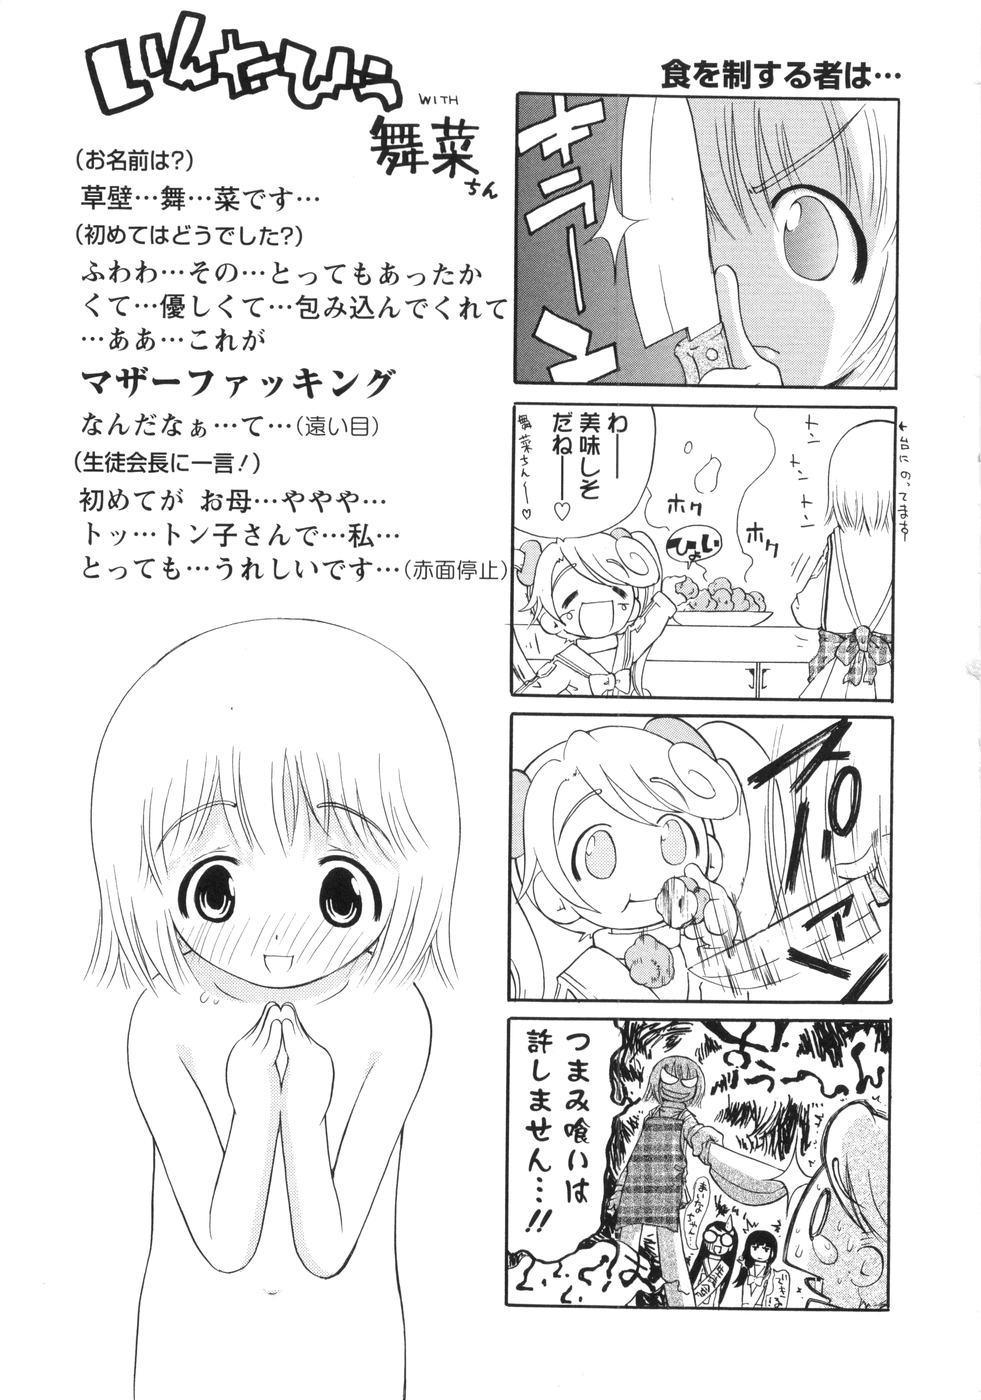 0 PULL TOWN Gakuen e Youkoso! 99